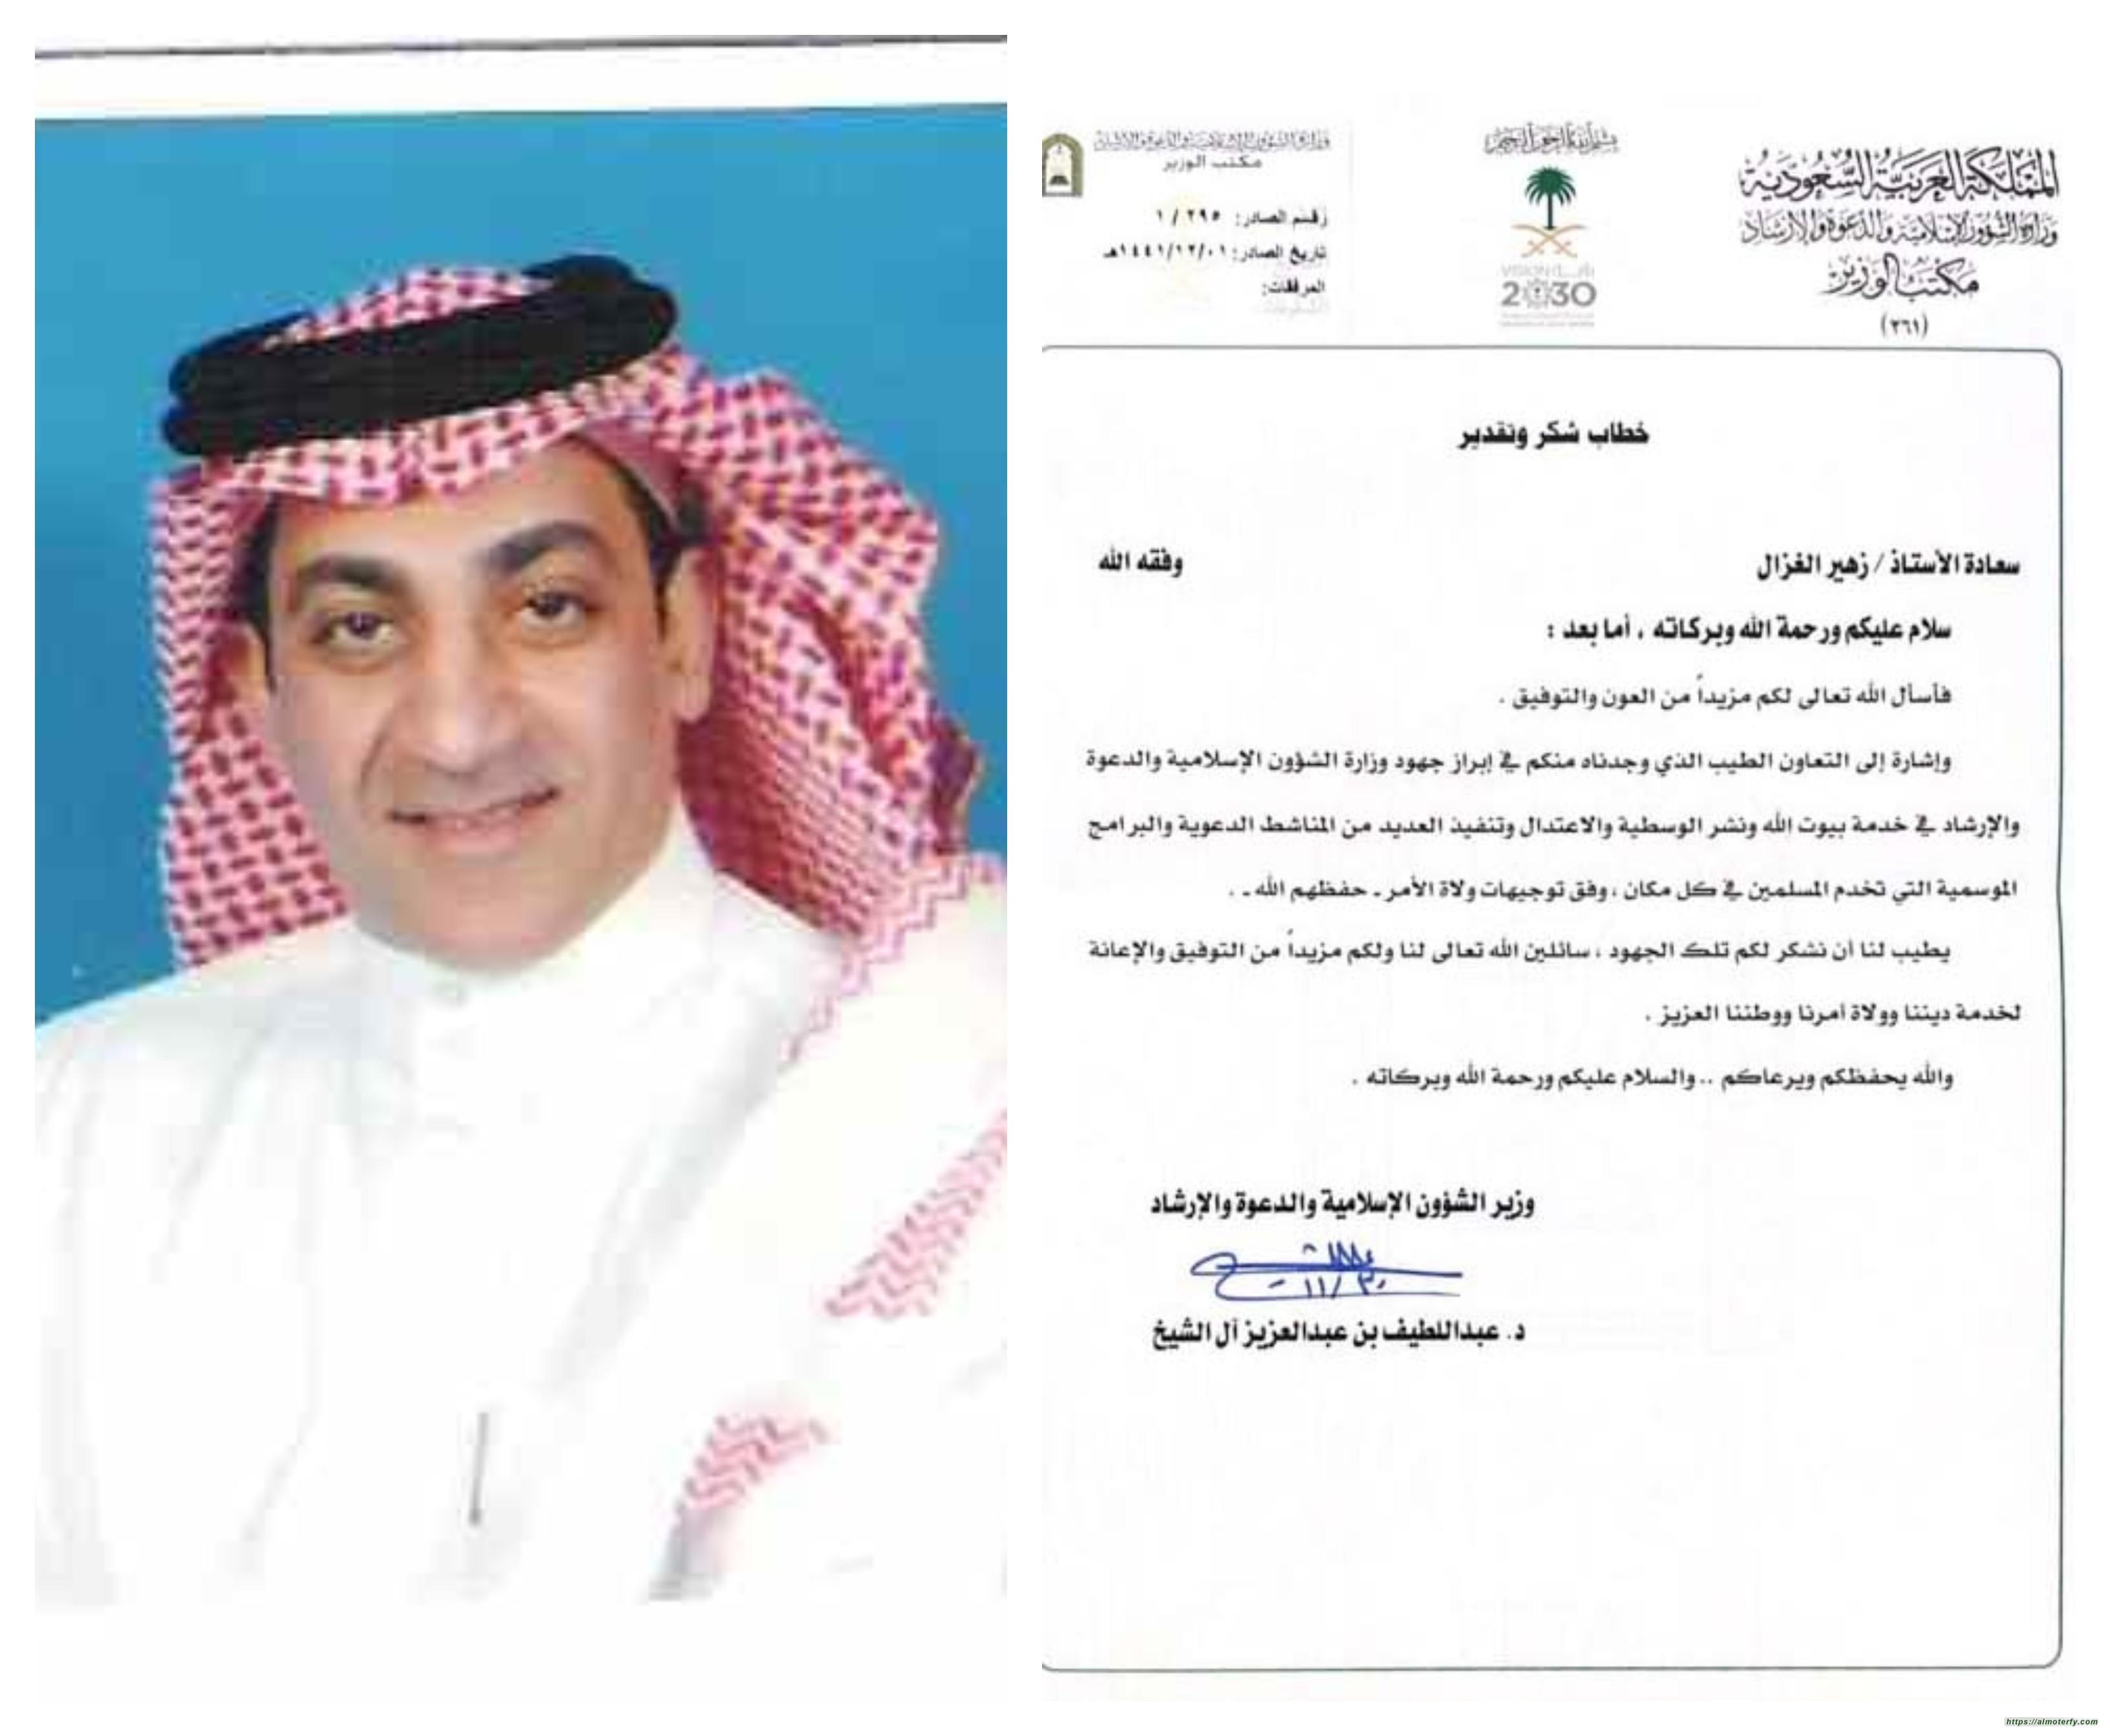 وزير الشوؤن الإسلامية والدعوة والإرشاد يشكر الإعلامي زهير الغزال